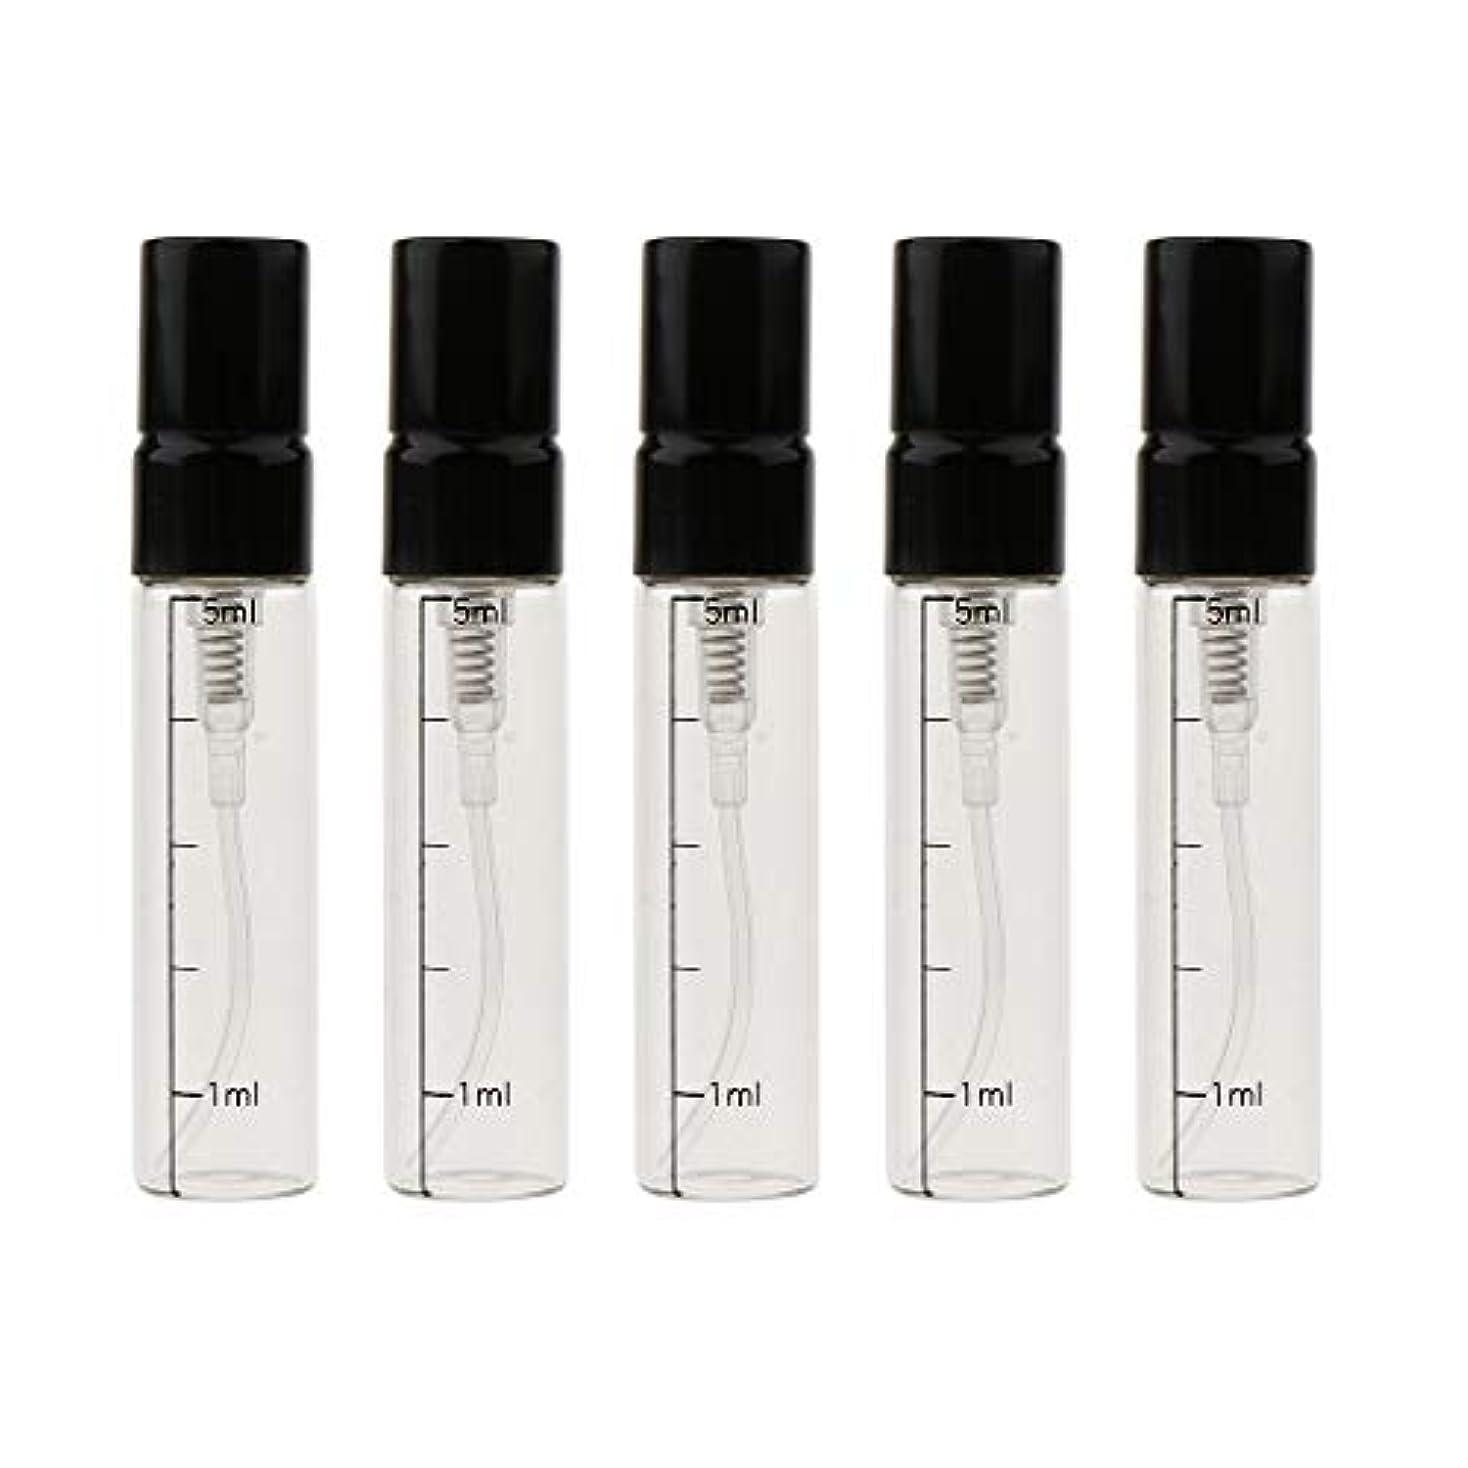 実行戦うウィザード香水瓶 スプレー ガラス エッセンシャルオイル ボトル 香水 精油 詰替え容器 3色選べ - ゴールド